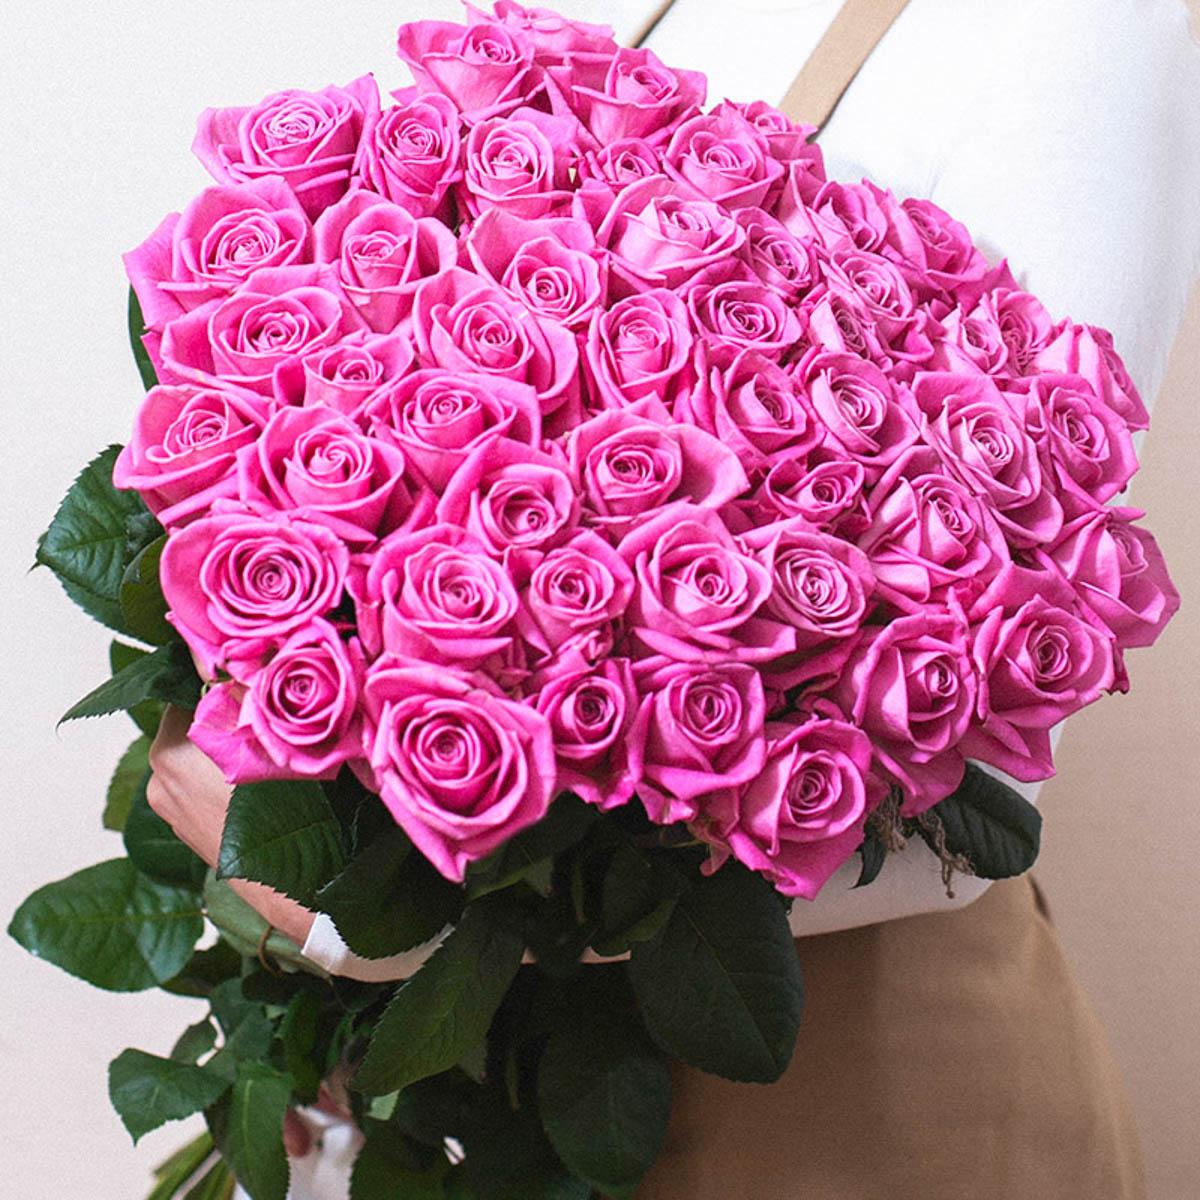 Красивый букет цветов для подруги с днем рождения